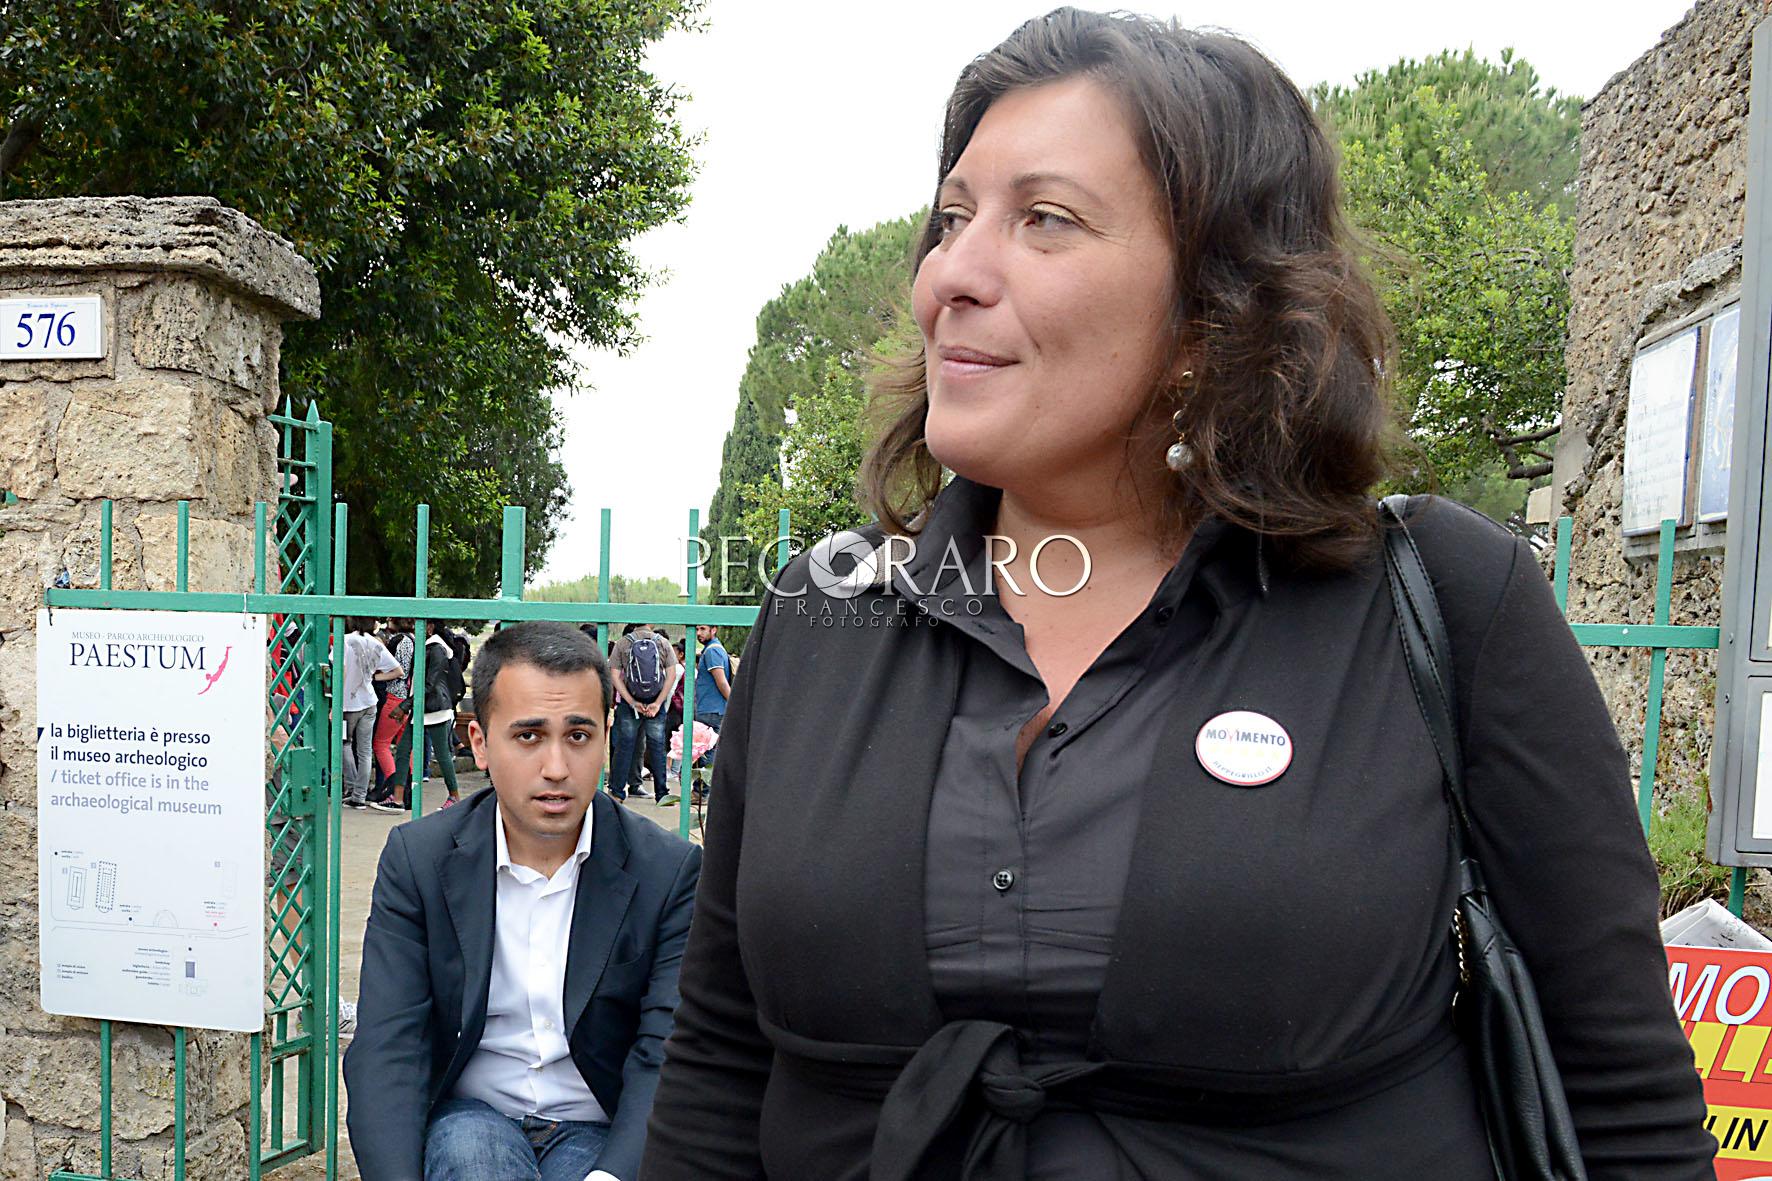 21 05 2015 Paestum Area archeologica Conferenza stampa della candidata del M5S Ciarambino accompagnata dal Vice Presidente della Camera Luigi Di Maio